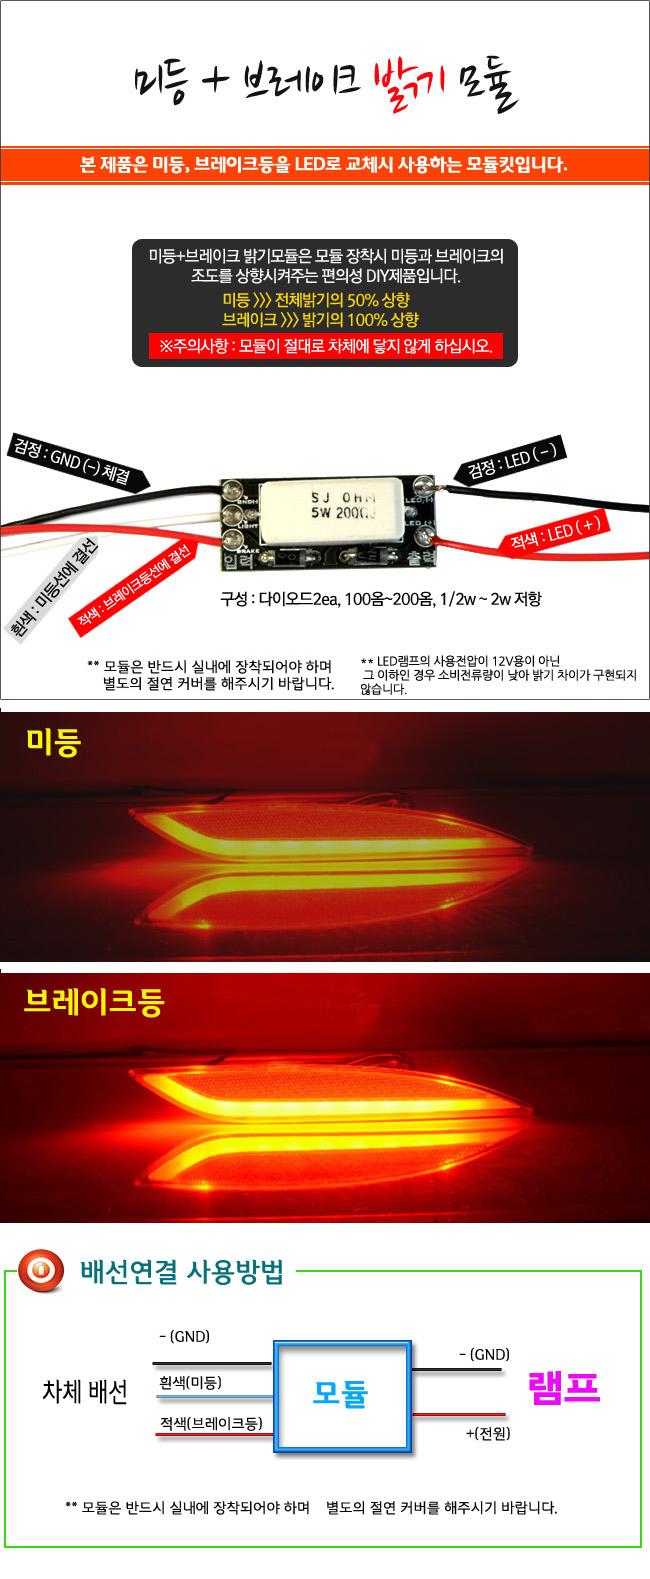 LED 미등 브레이크등 겸용 밝기 모듈 안정회로